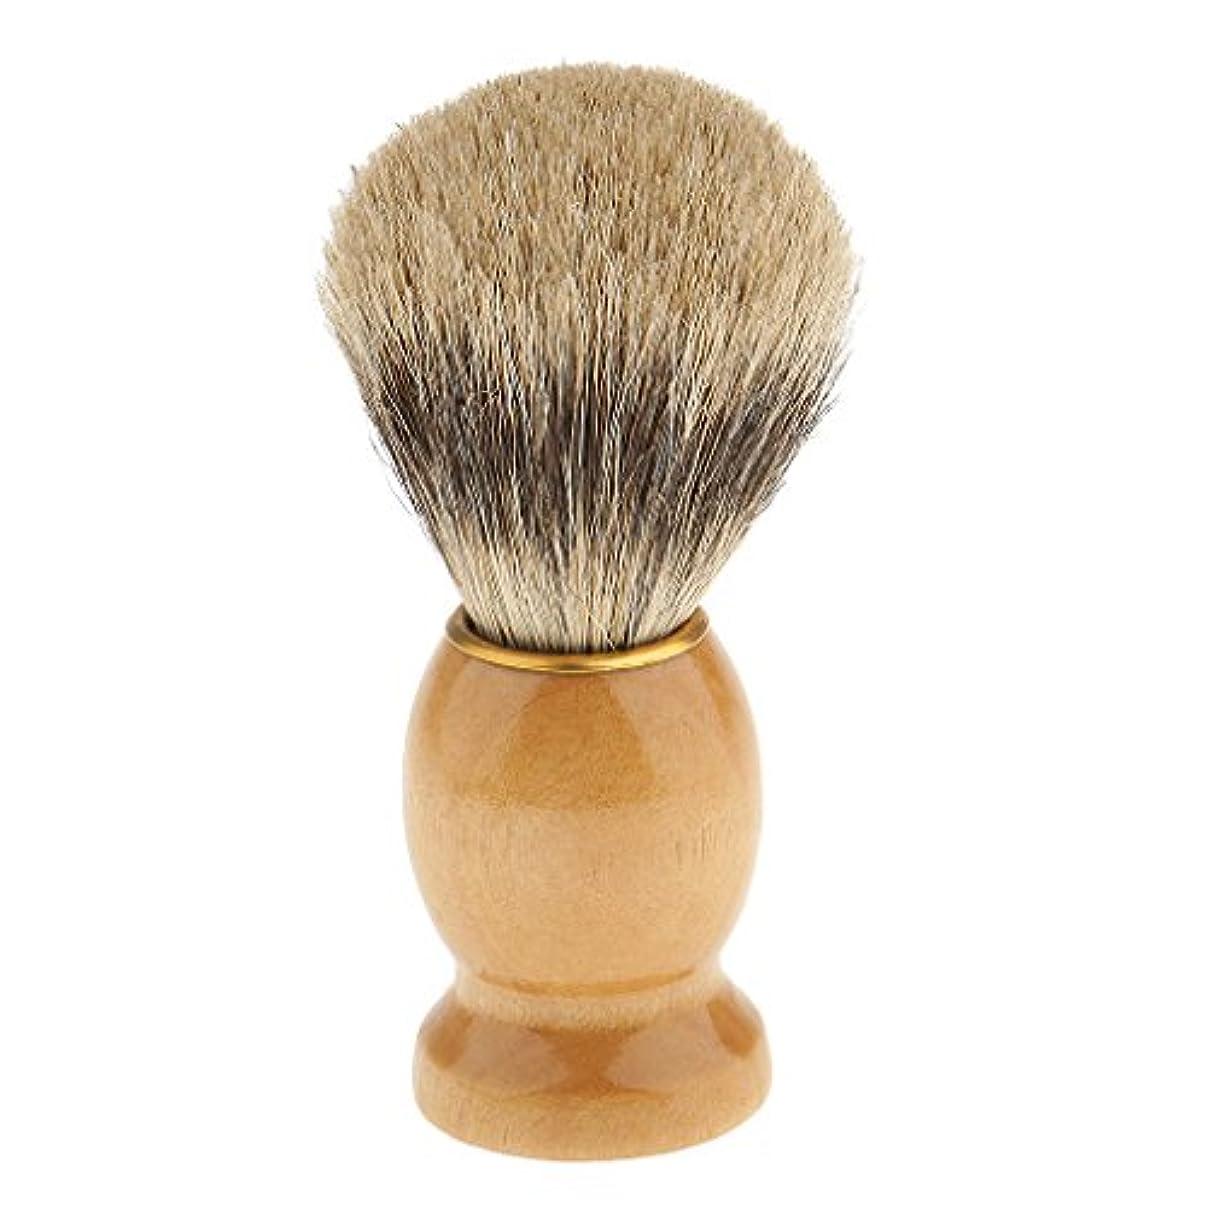 九漁師魅了するシェービングブラシ 髭剃り 泡立ち 洗顔ブラシ 髭剃りブラシ 理髪ツール サロン 全5種類 - 1